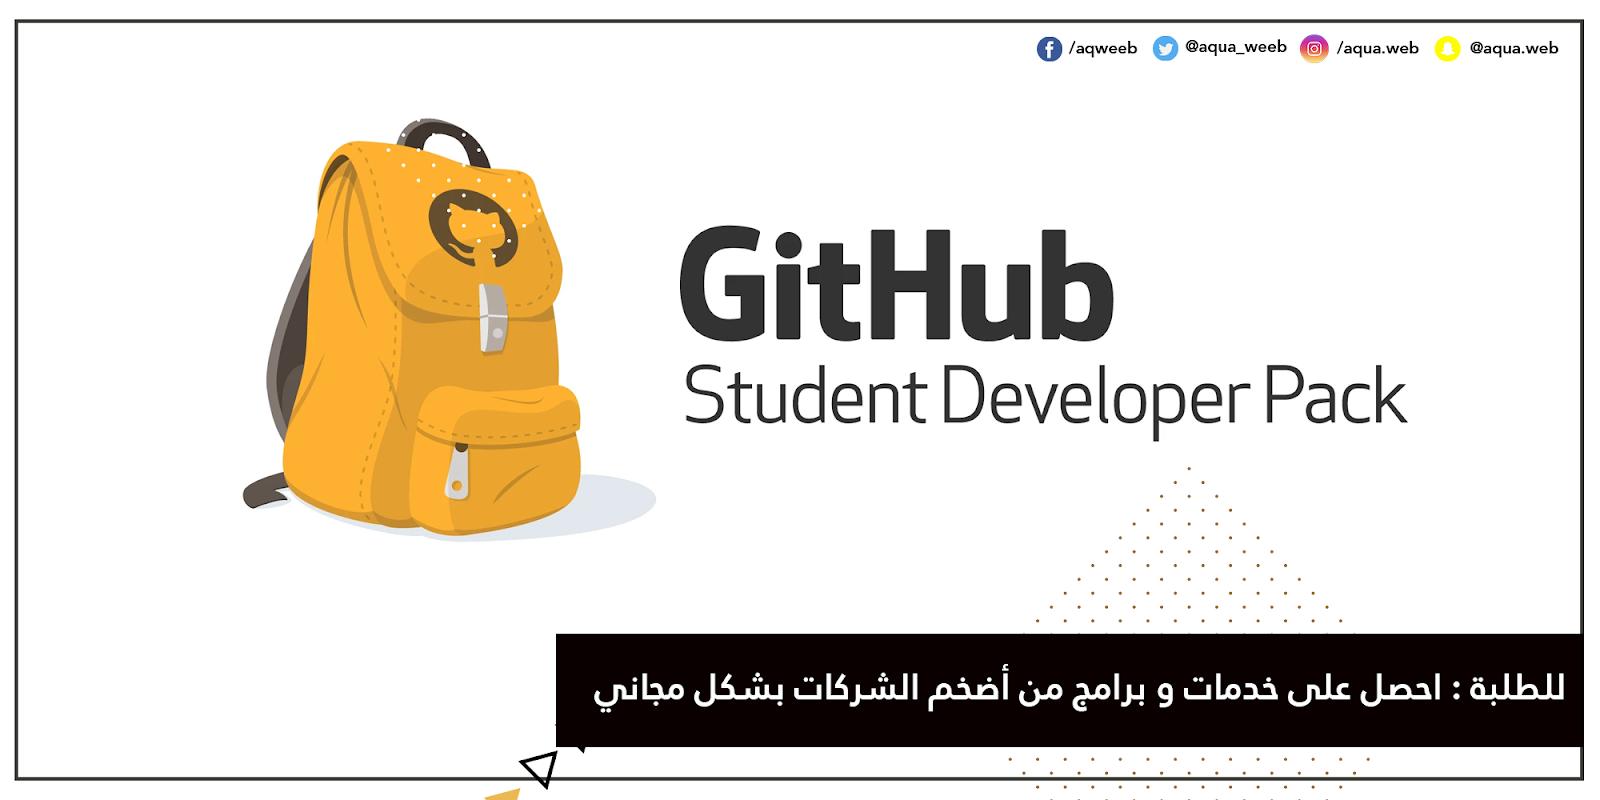 للطلبة : احصل على خدمات و برامج من أضخم الشركات بشكل مجاني